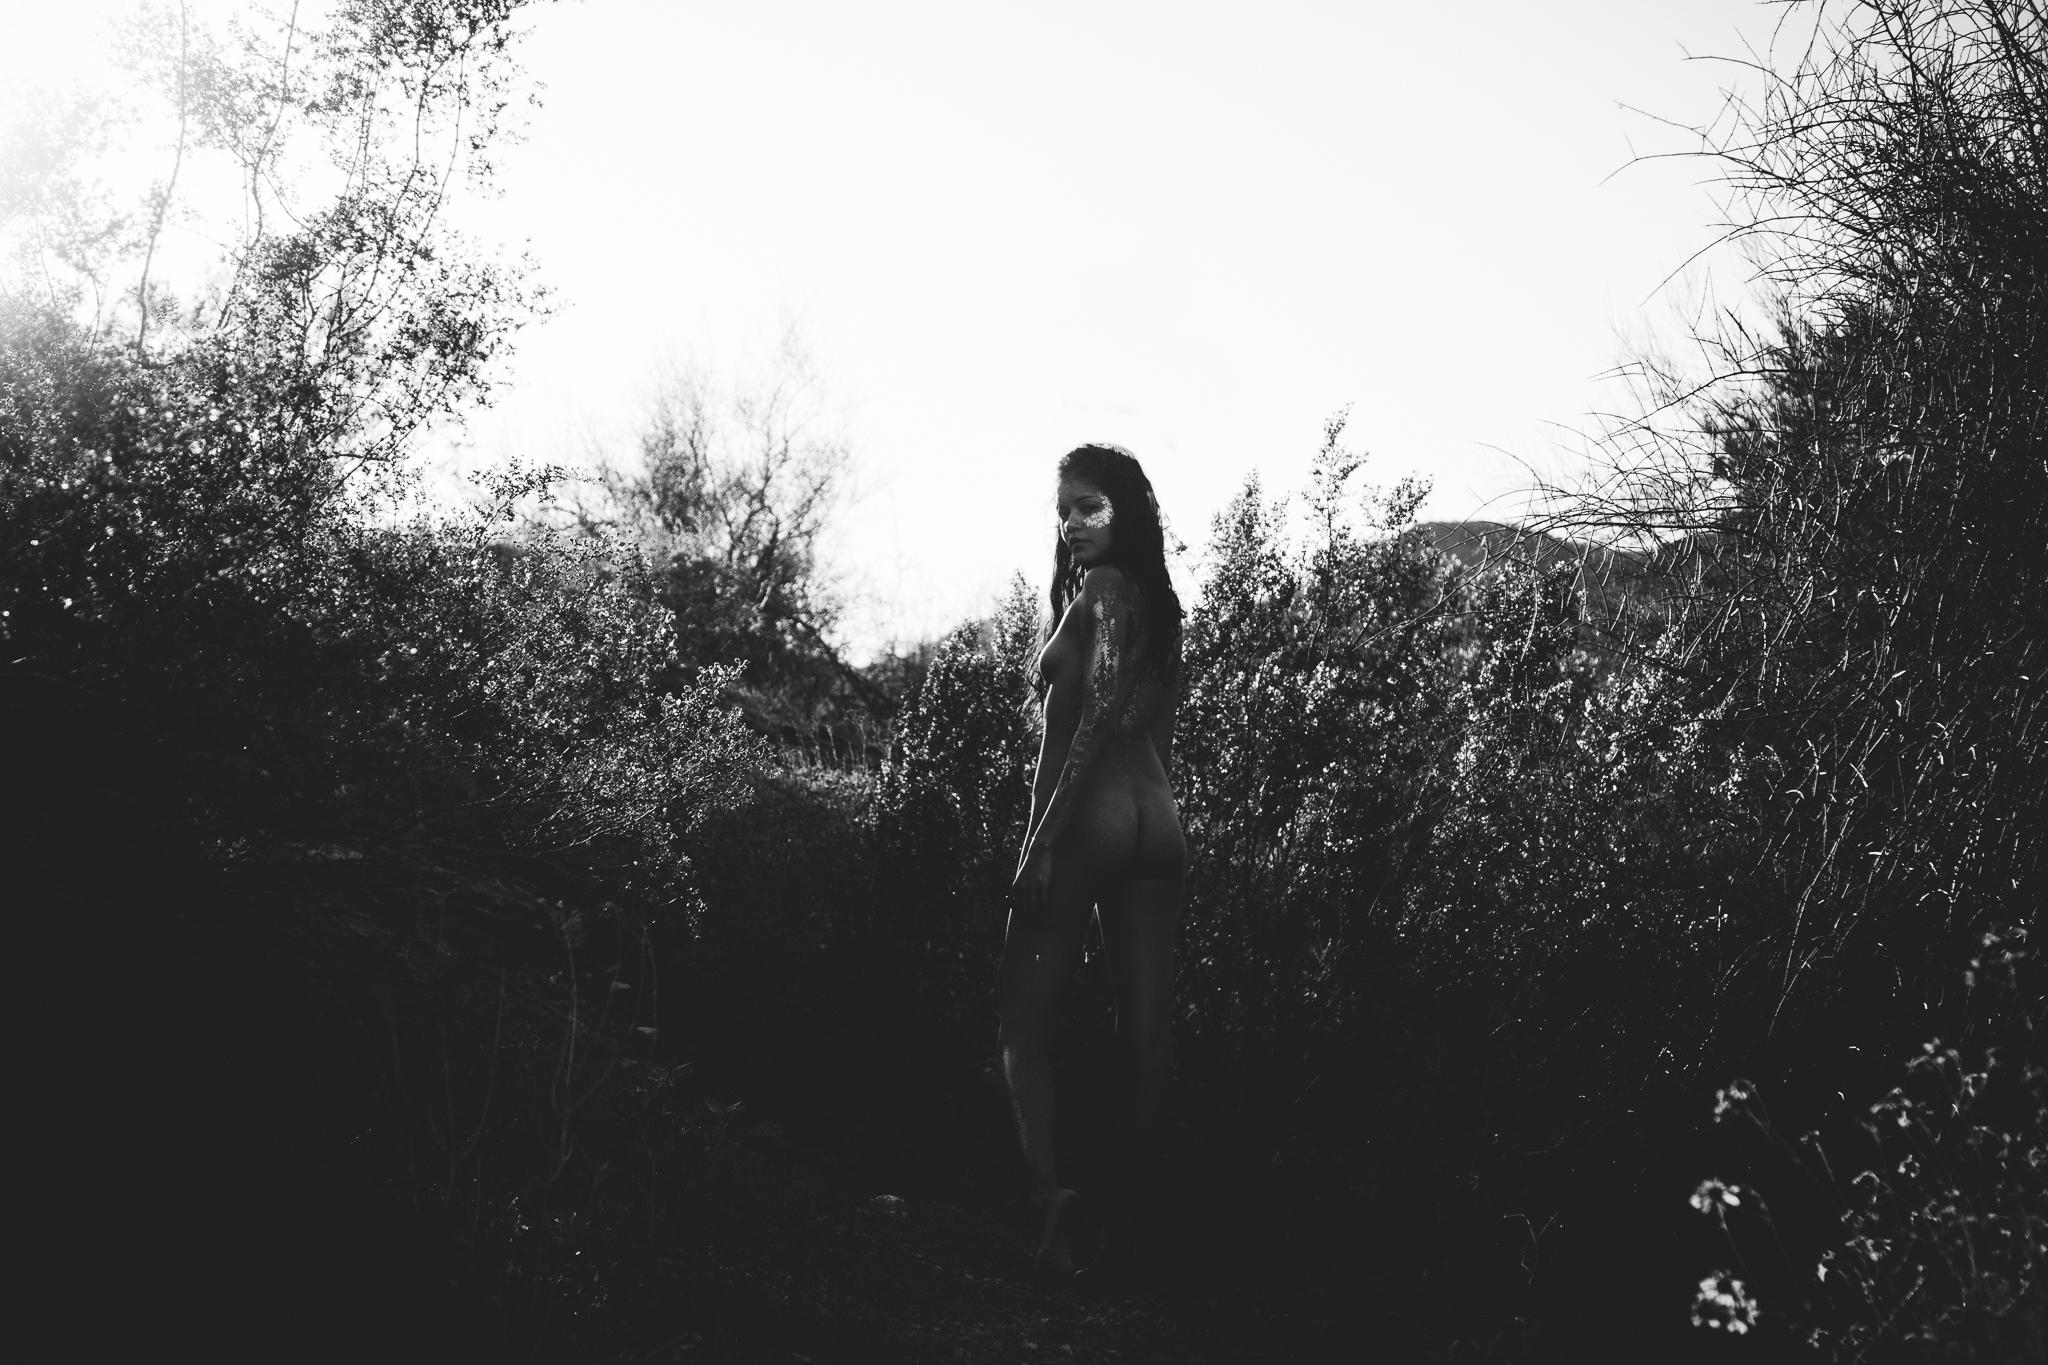 calgaryphotographer11